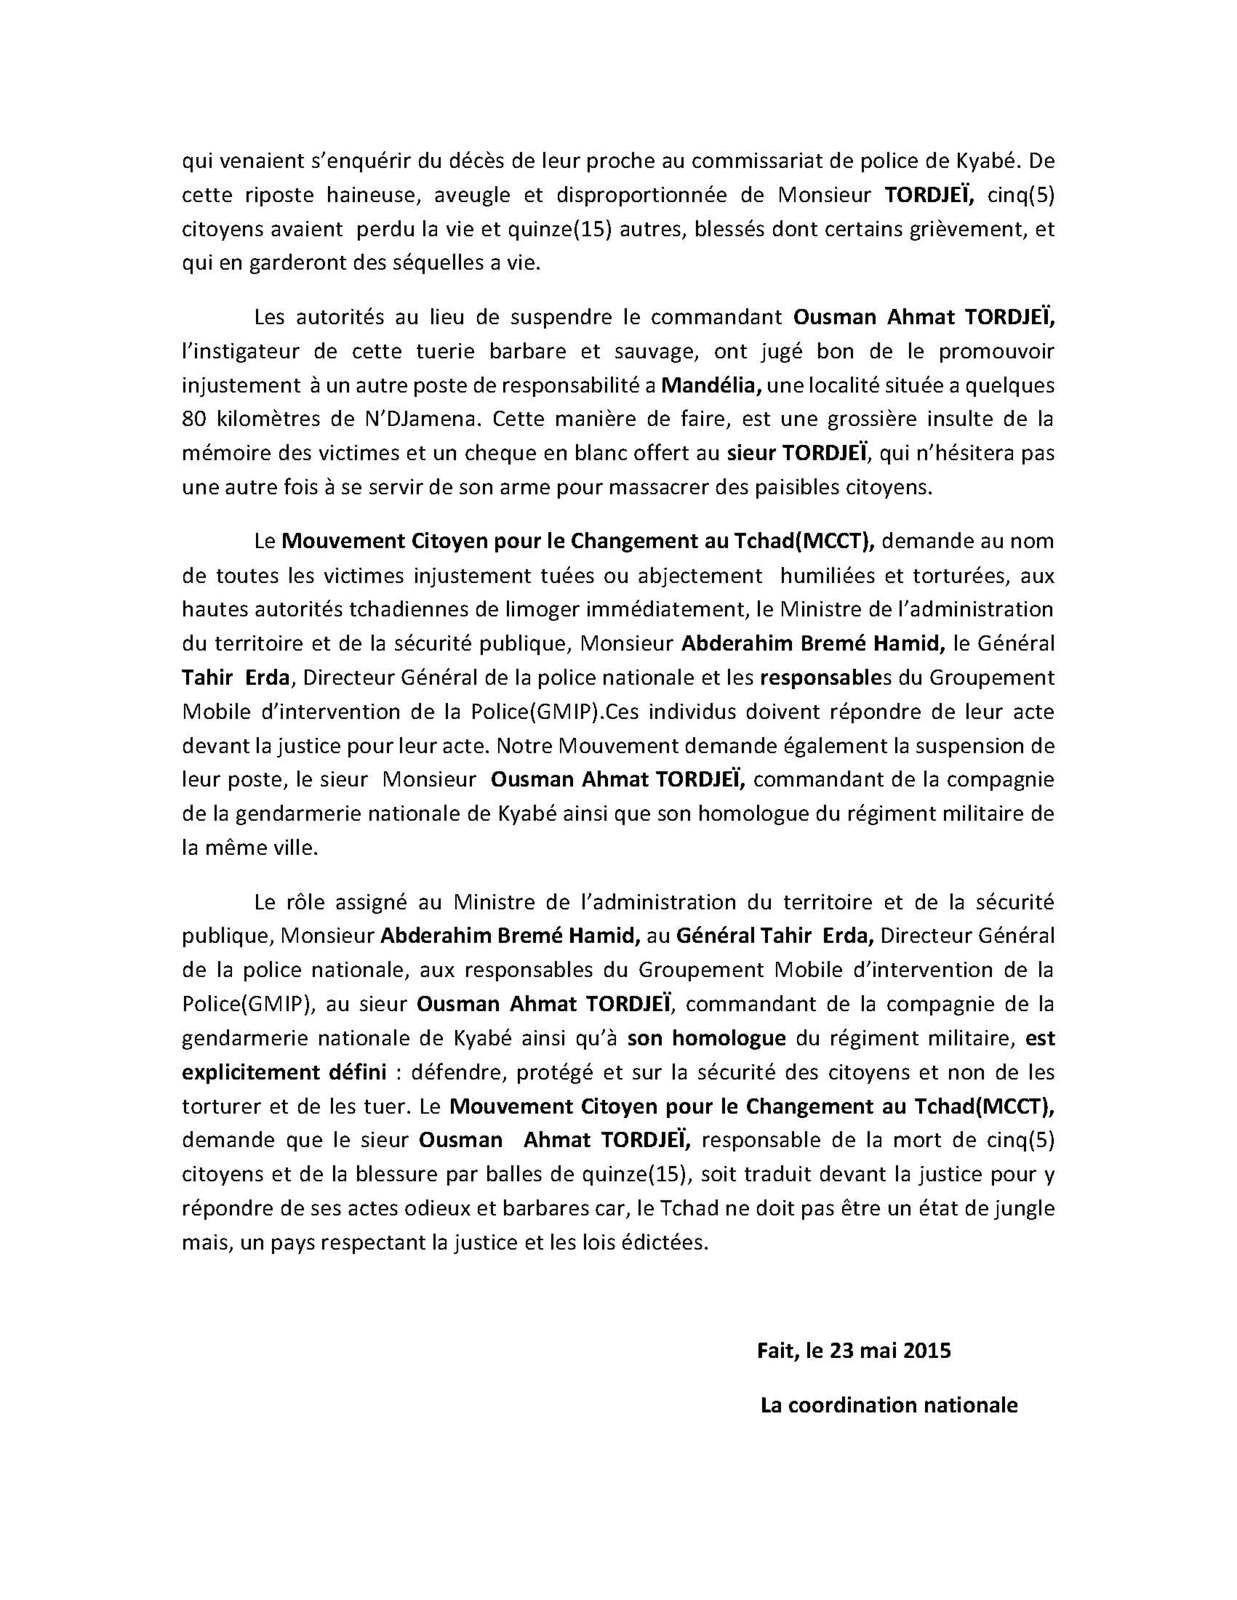 Tueries et détournements banalisés au Tchad: le MCCT s'insurge